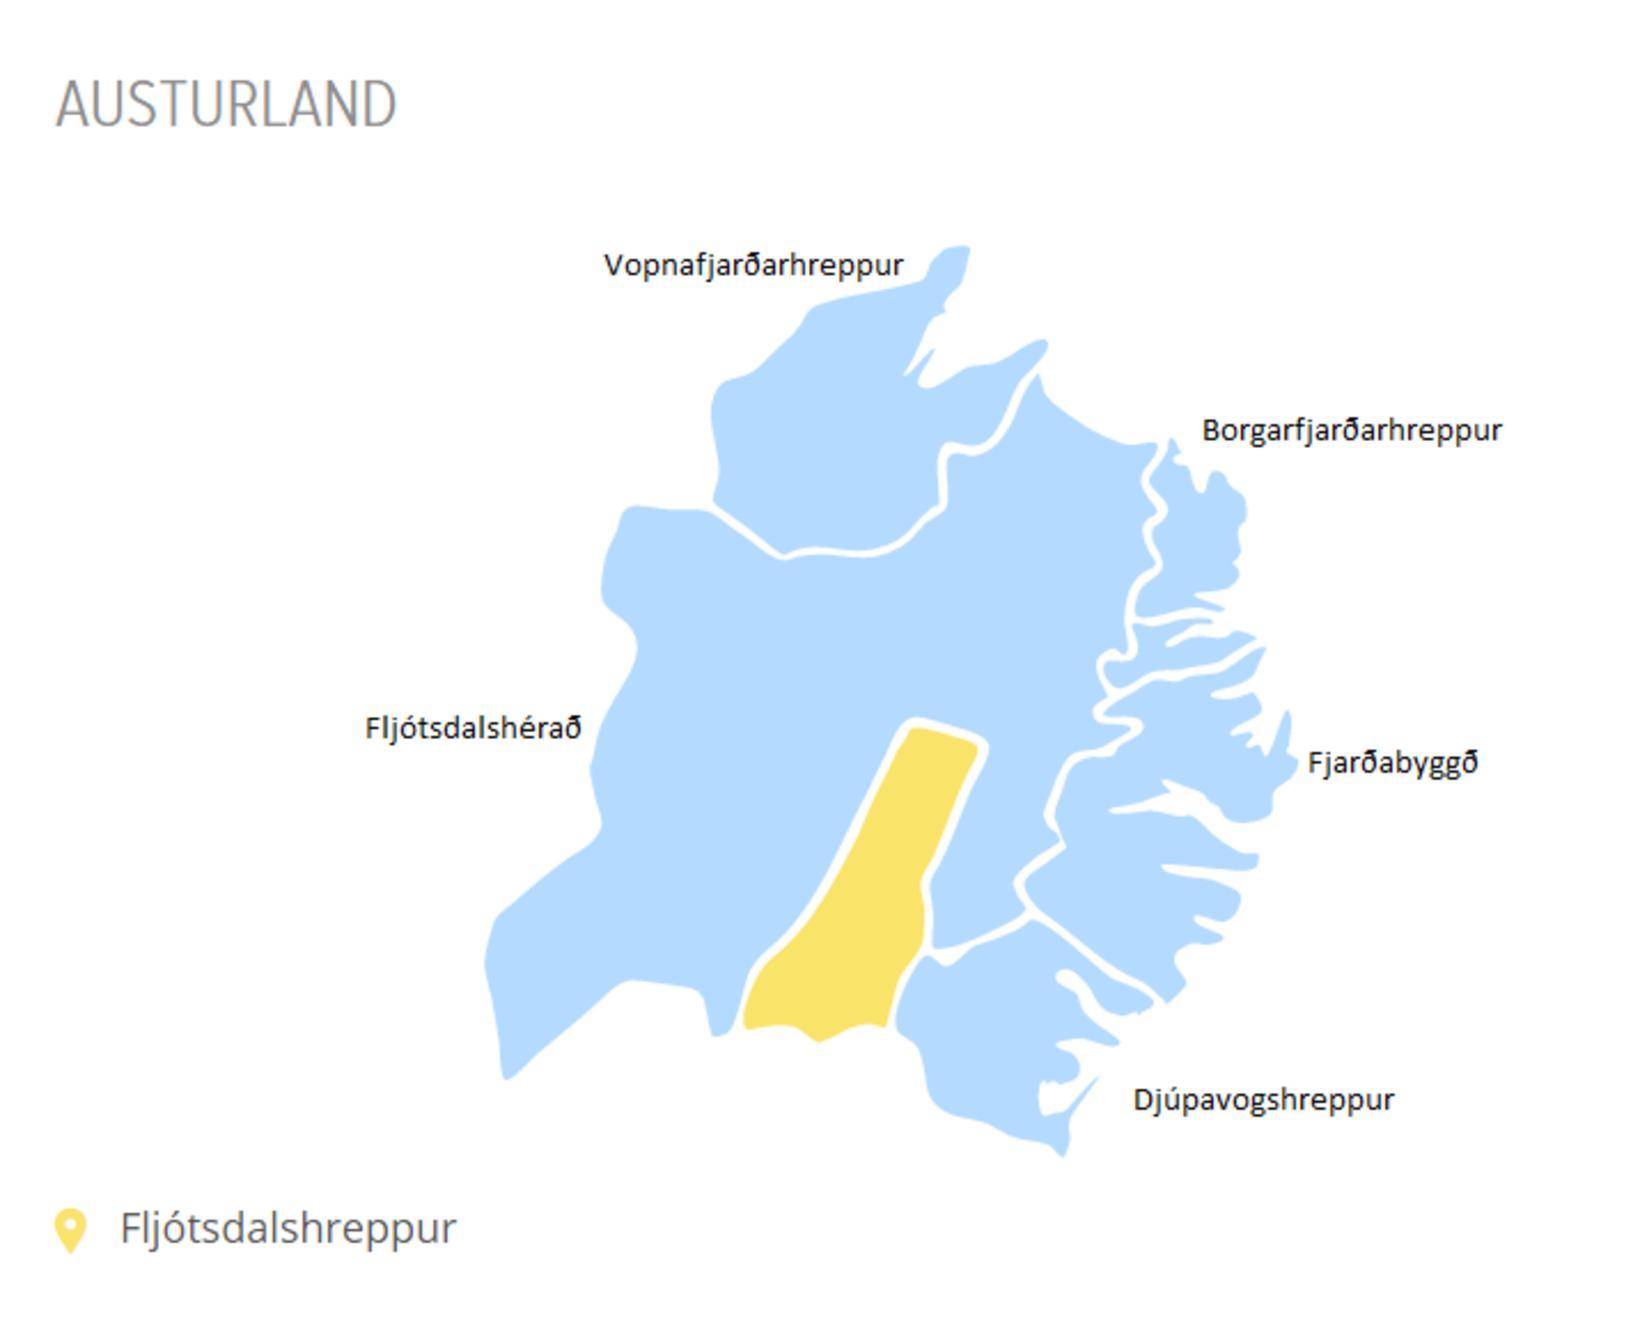 Á laugardag munu íbúar Borgarfjarðarhrepps, Djúpavogshrepps, Fljótsdalshéraðs og Seyðisfjarðarkaupstaða greiða ...